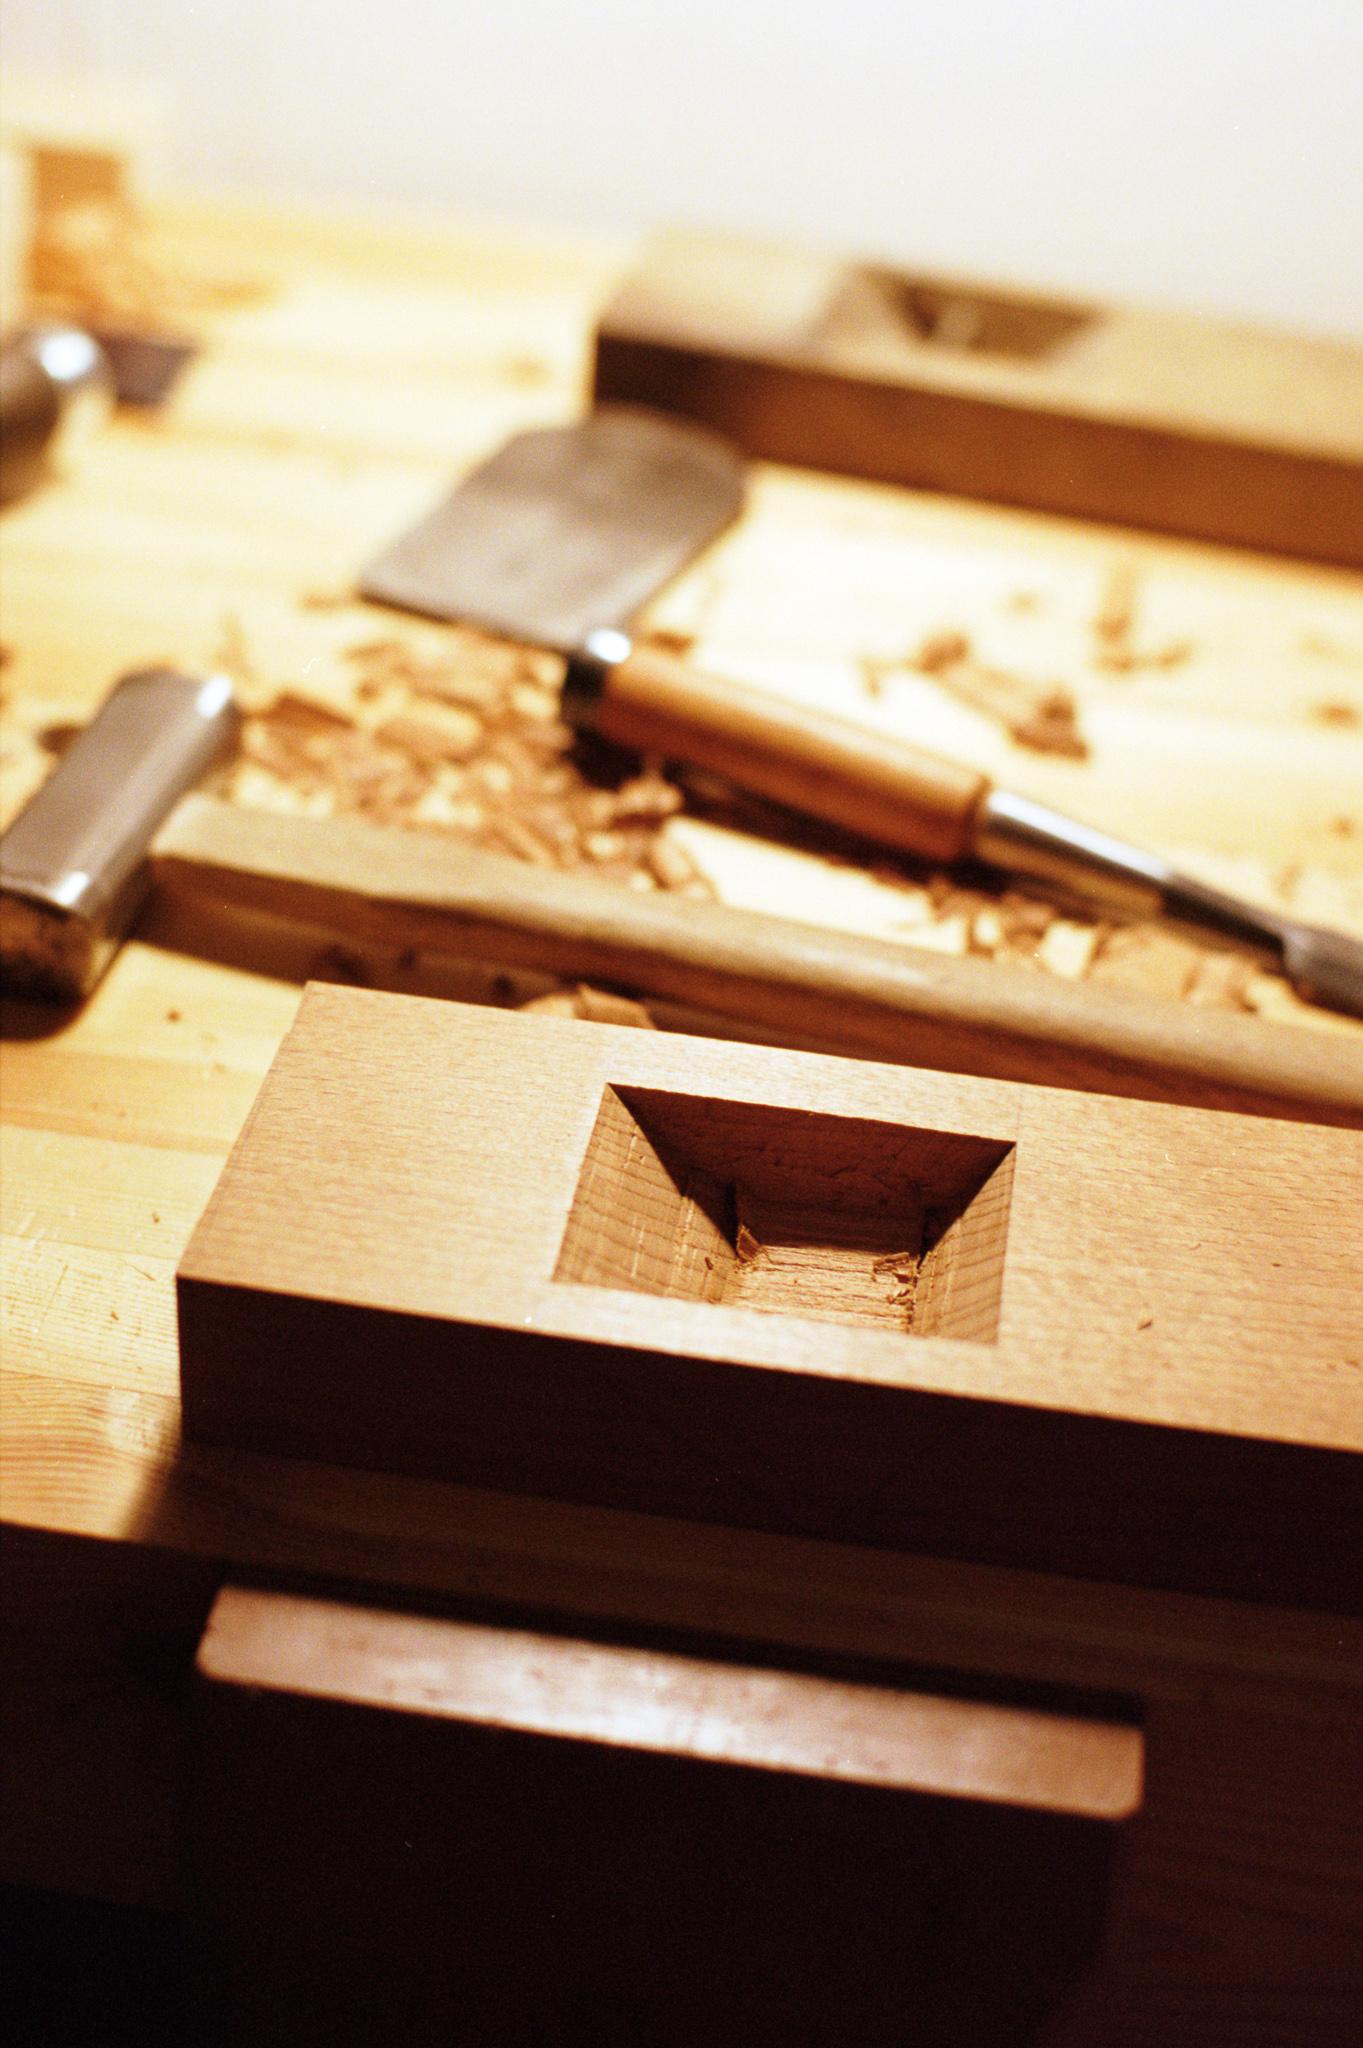 Making kanna hand plane dai